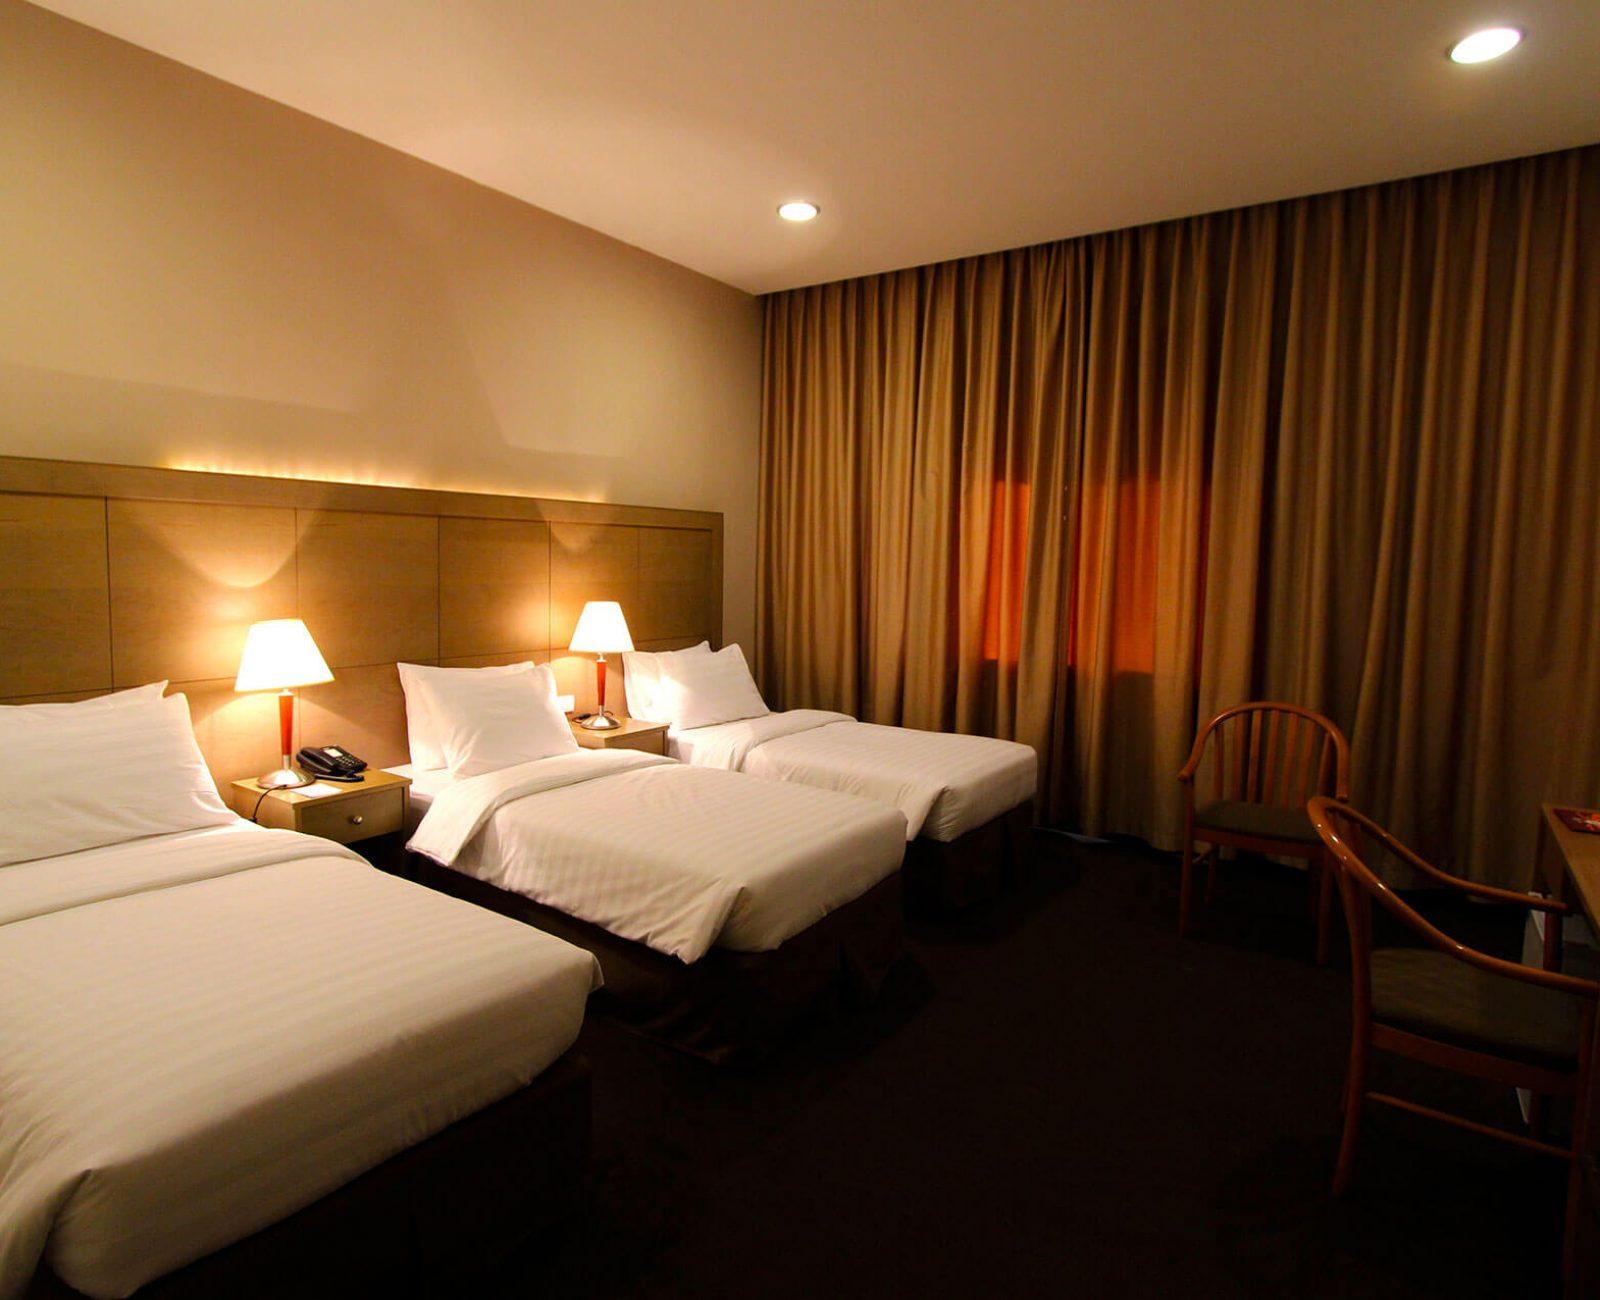 Ritz hotel_Standard Triple Room (6)